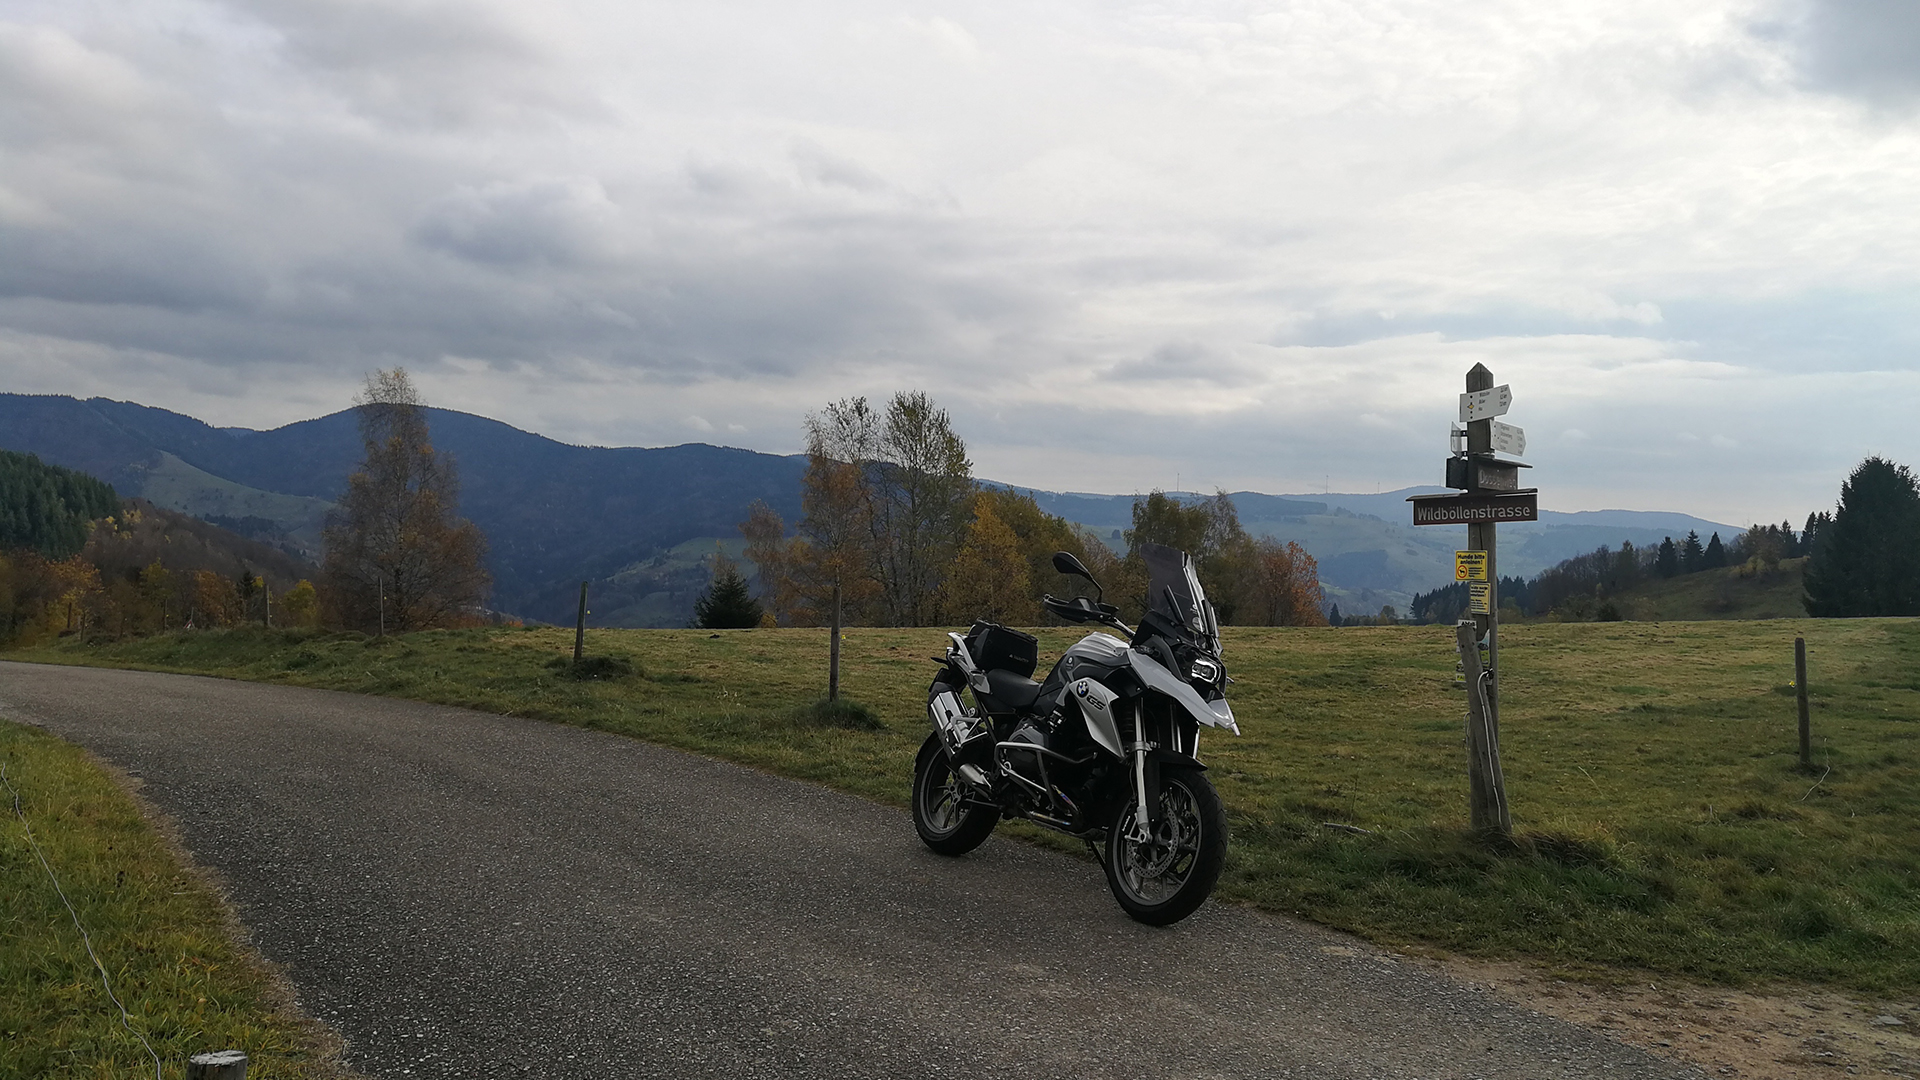 0824 - D - Wildböllen-Höhe